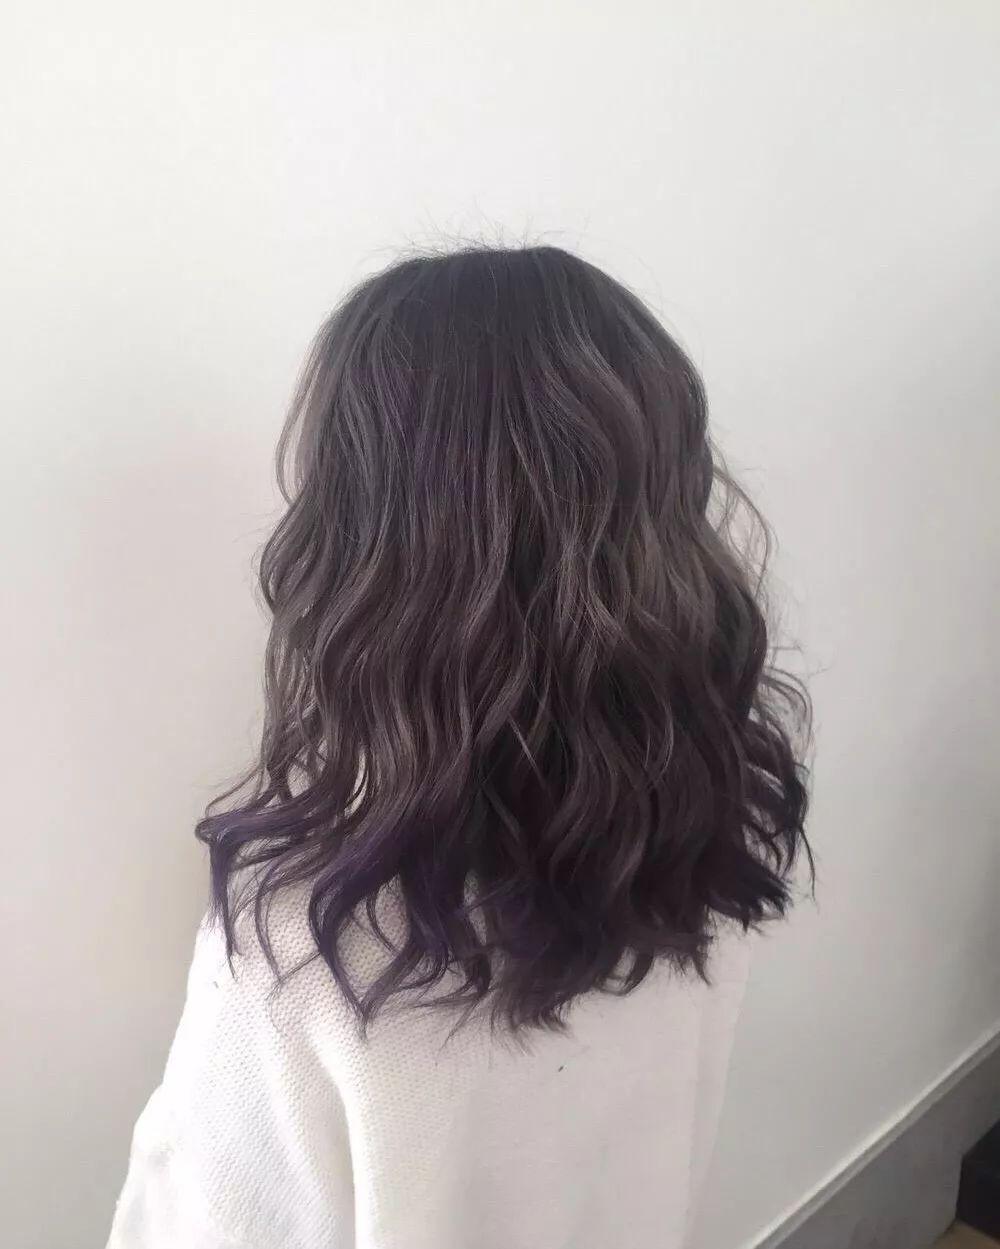 2018年男孩流行的发型图片背景